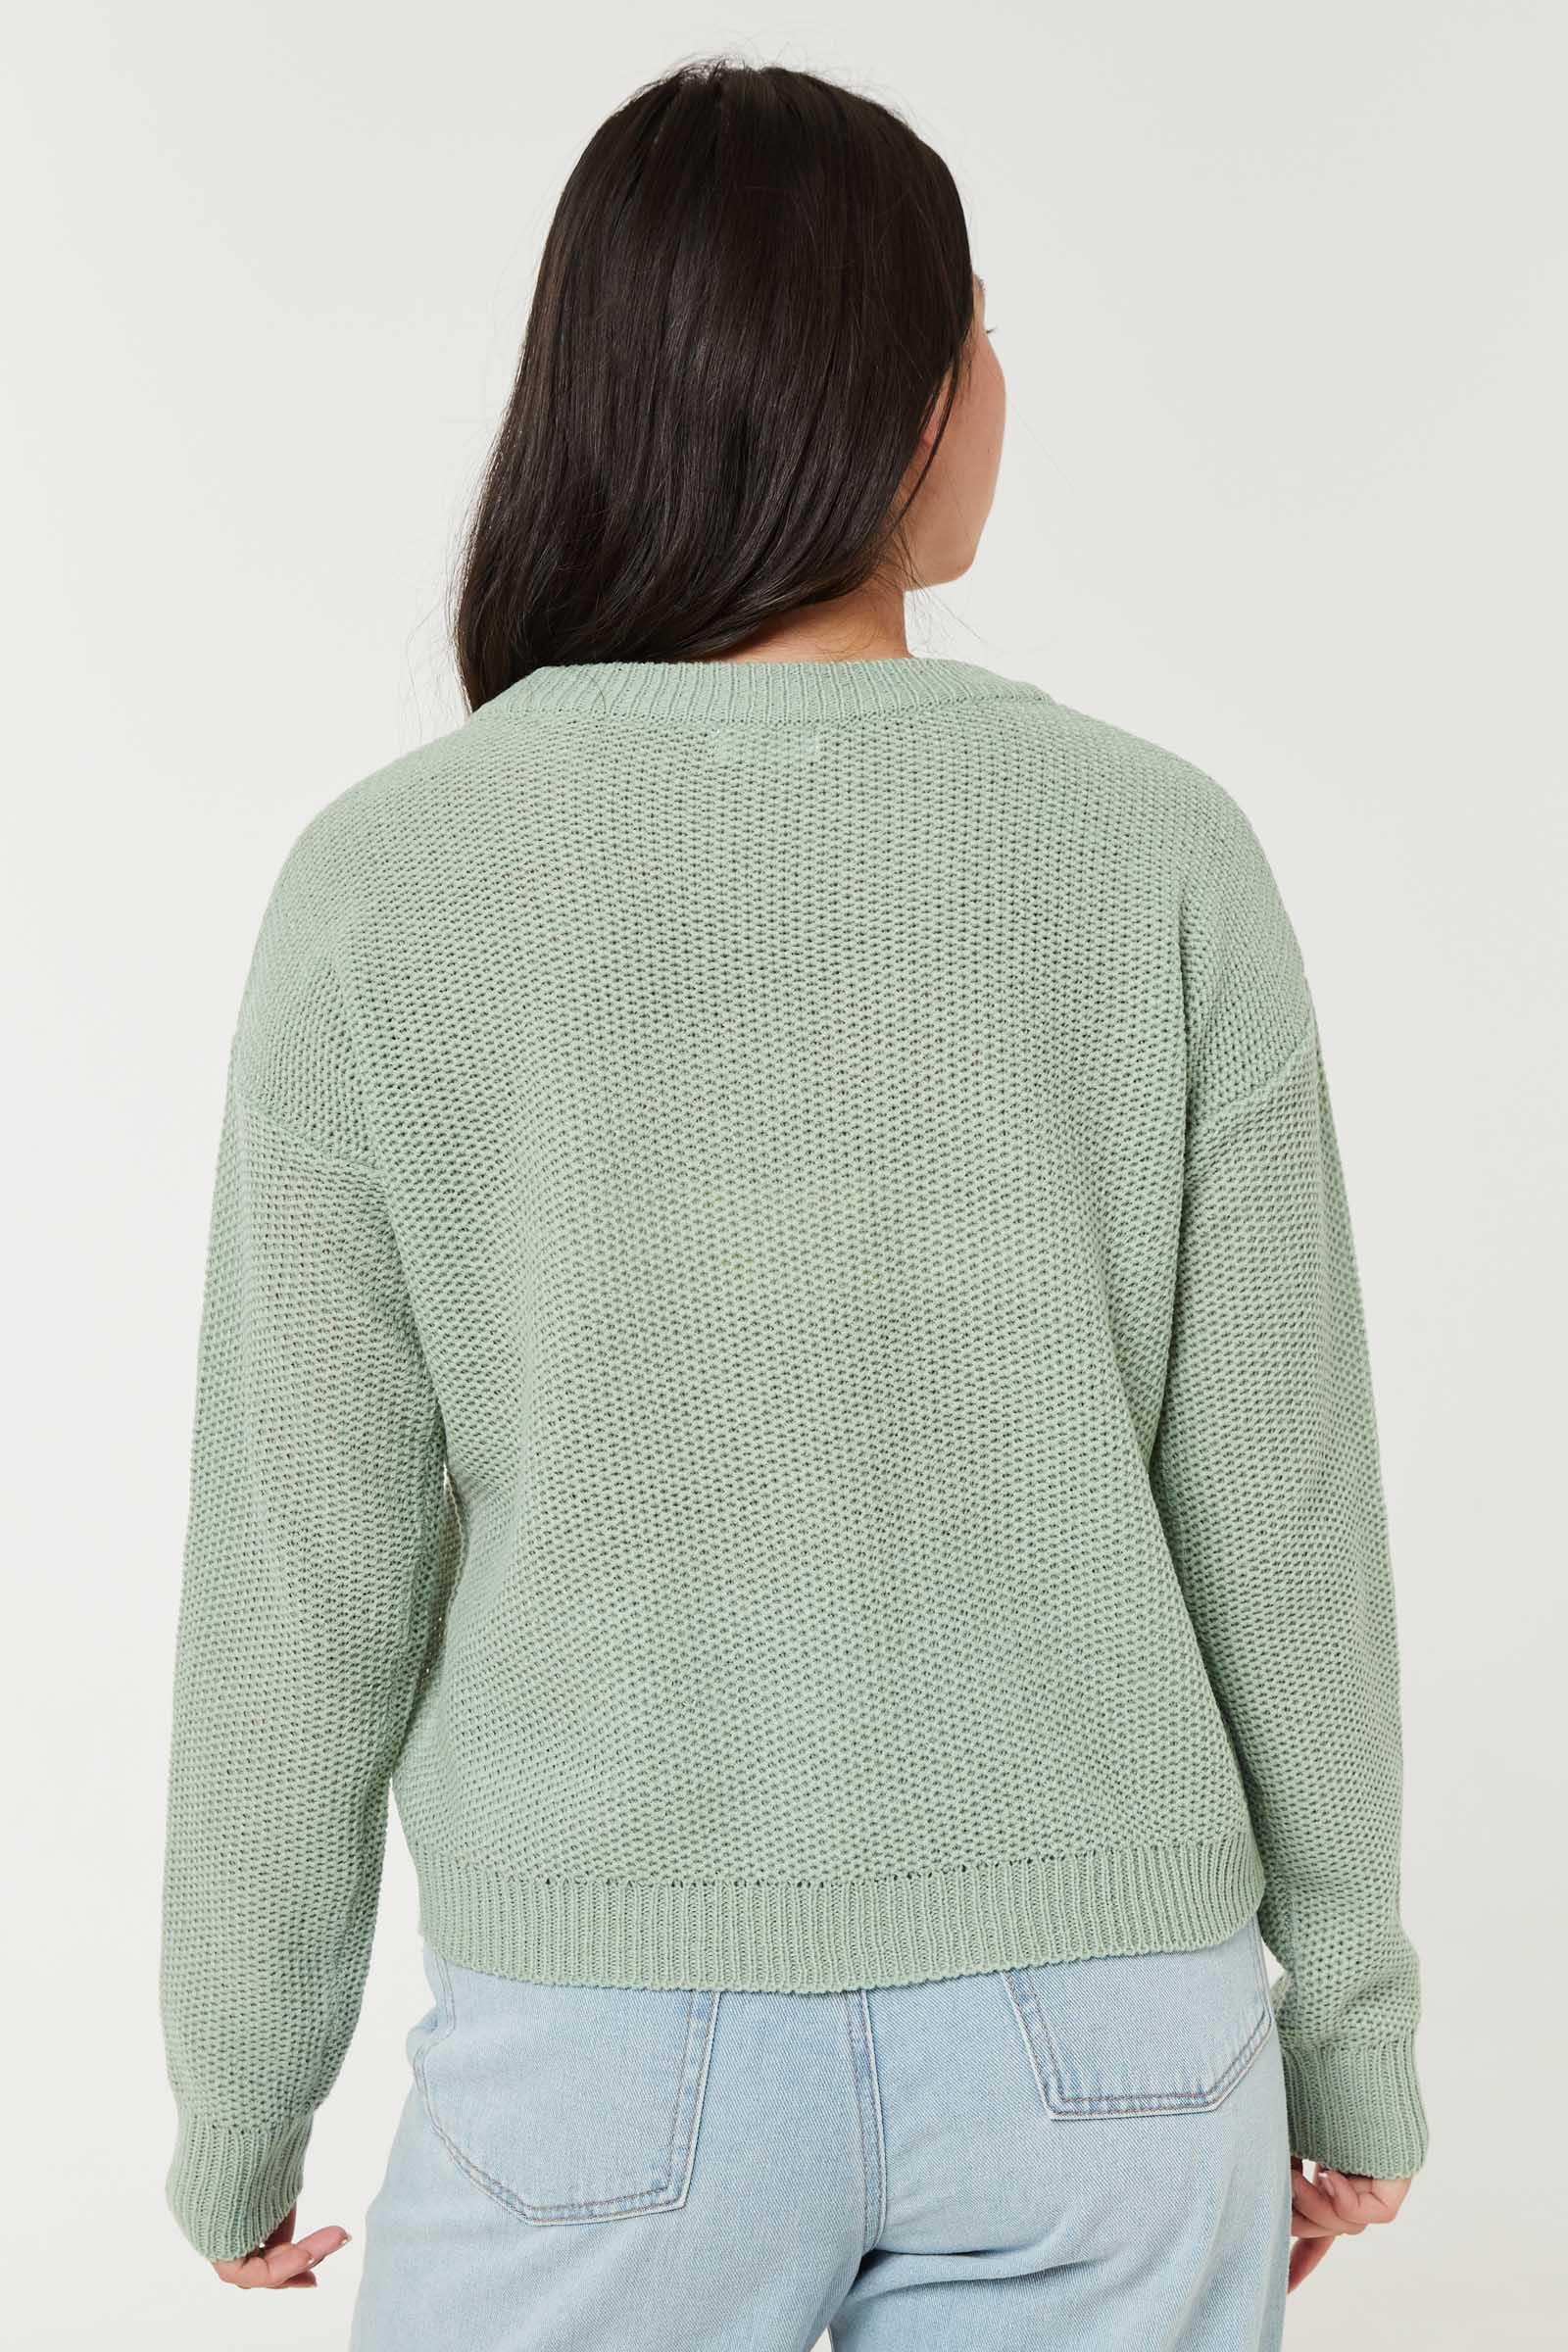 Honeycomb Crew Neck Sweater